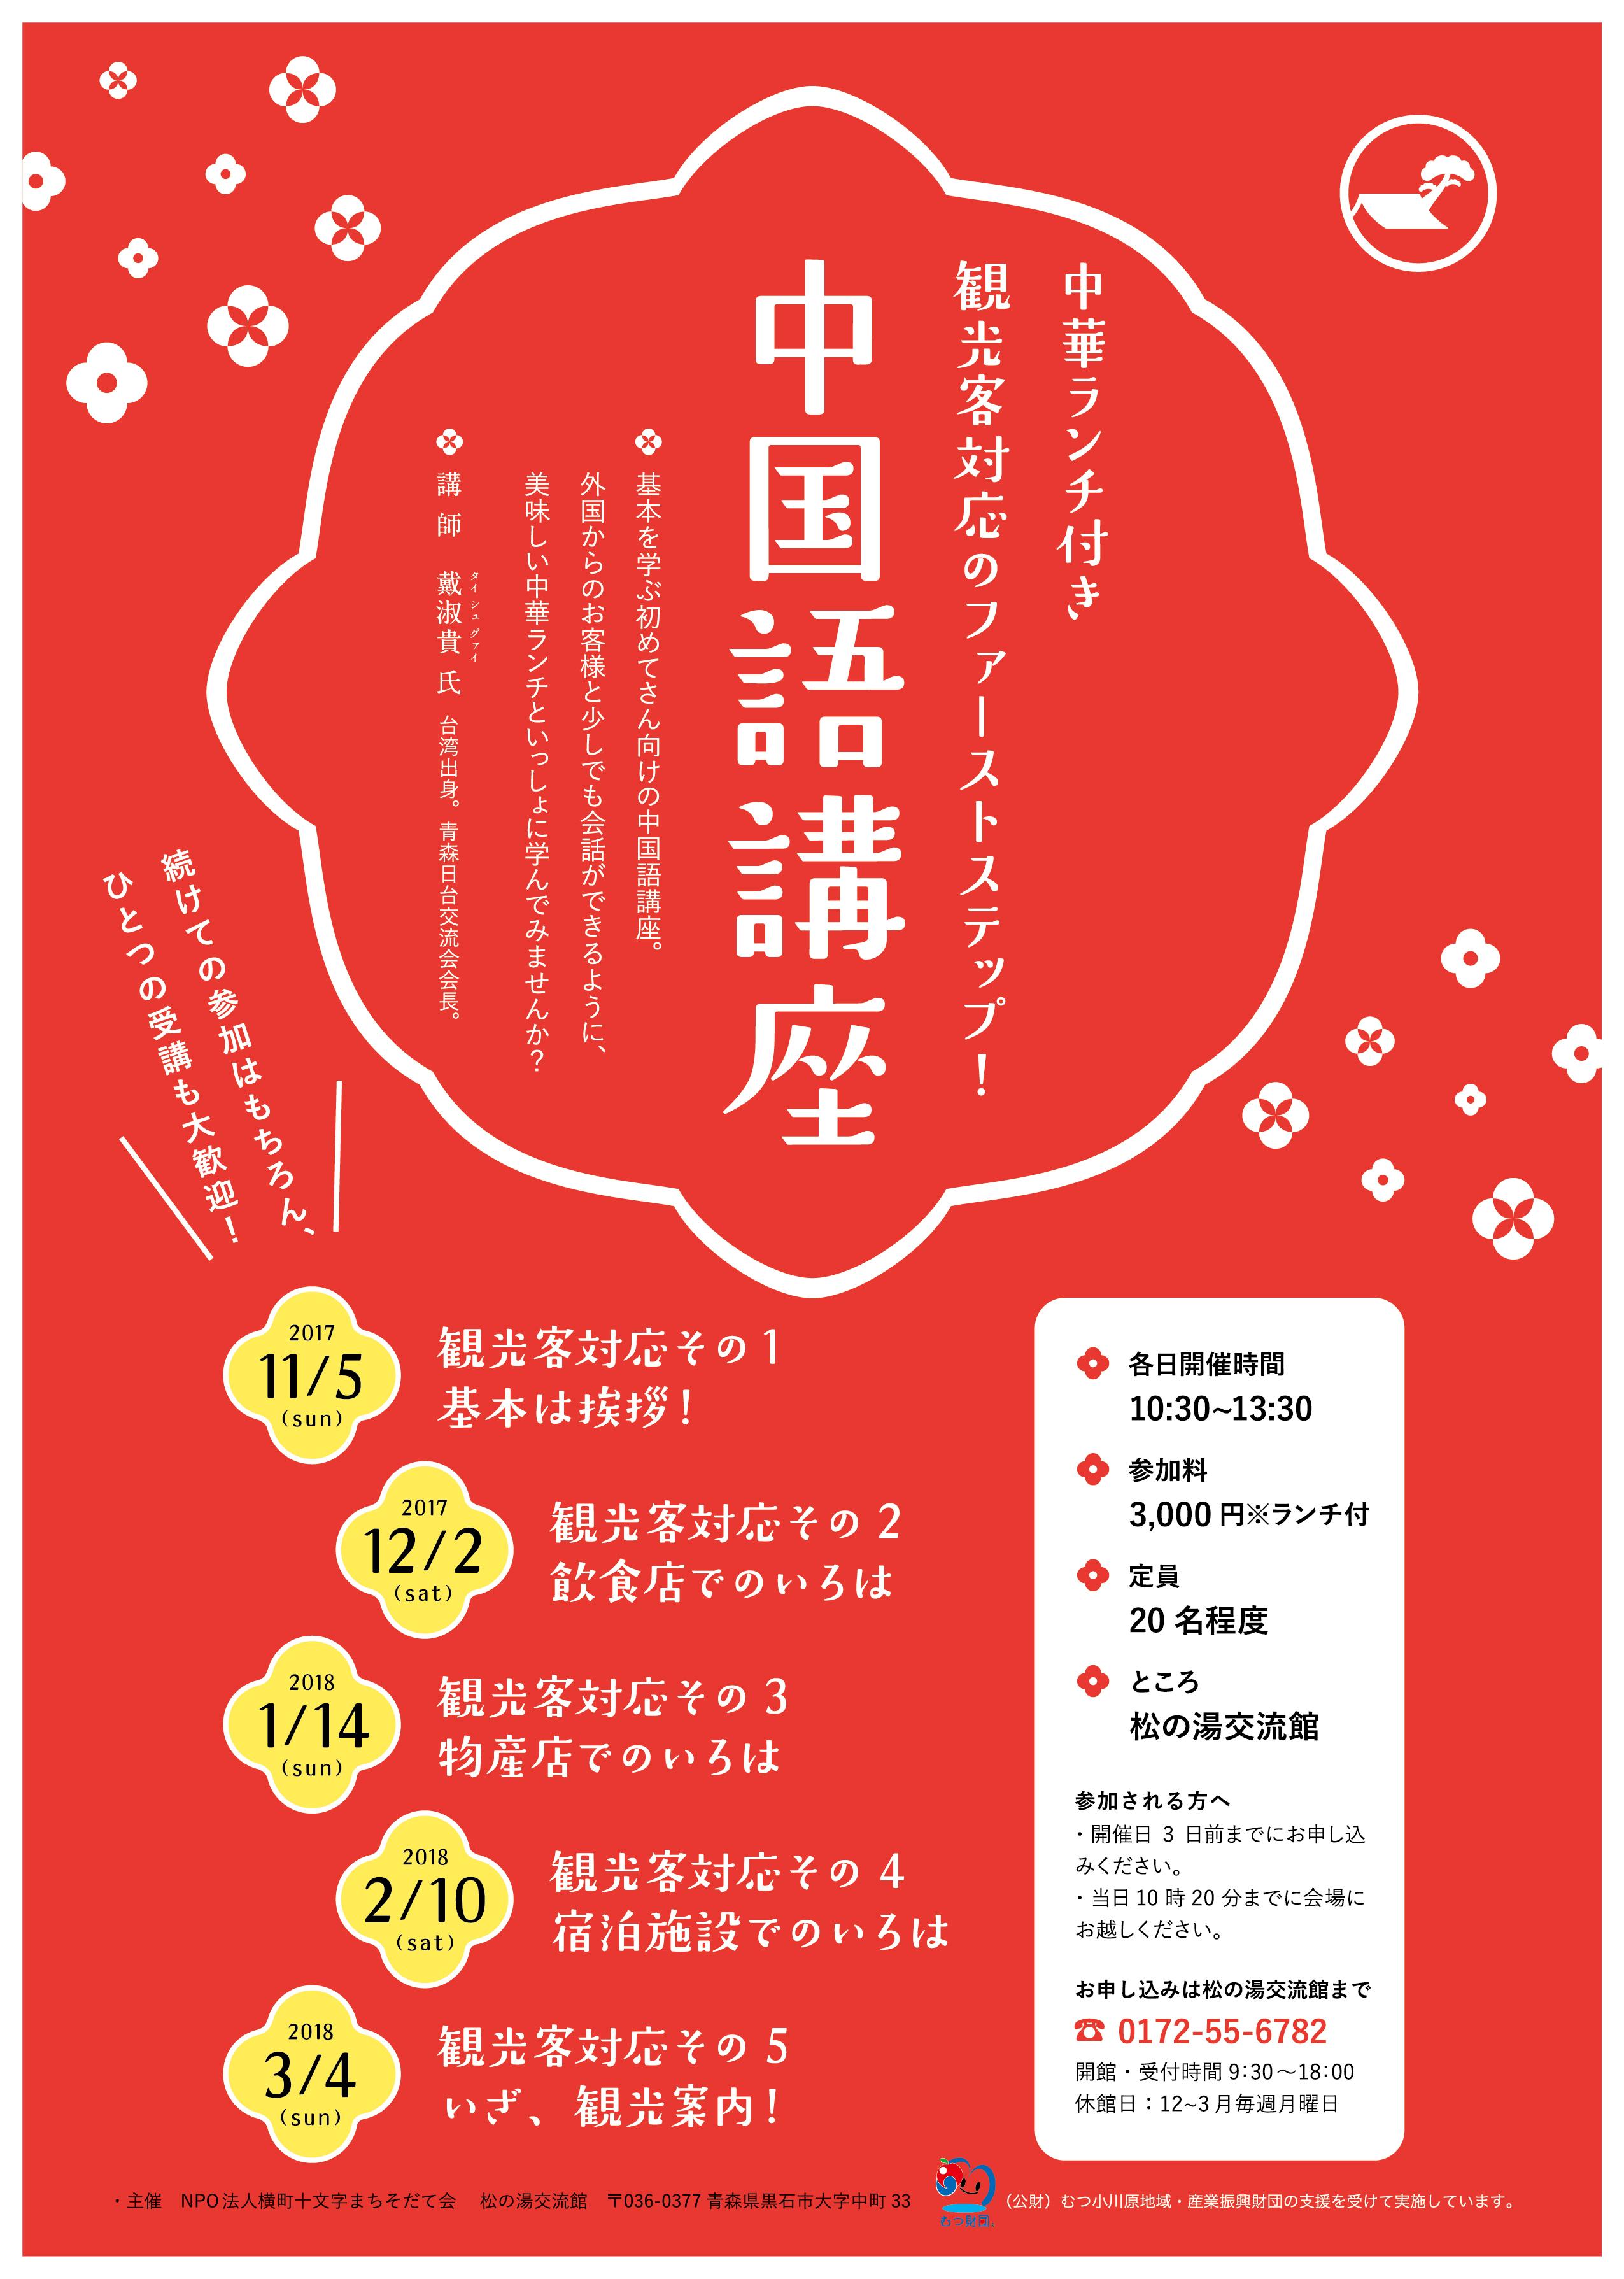 3月4日(日) 中国語講座「いざ、観光案内」